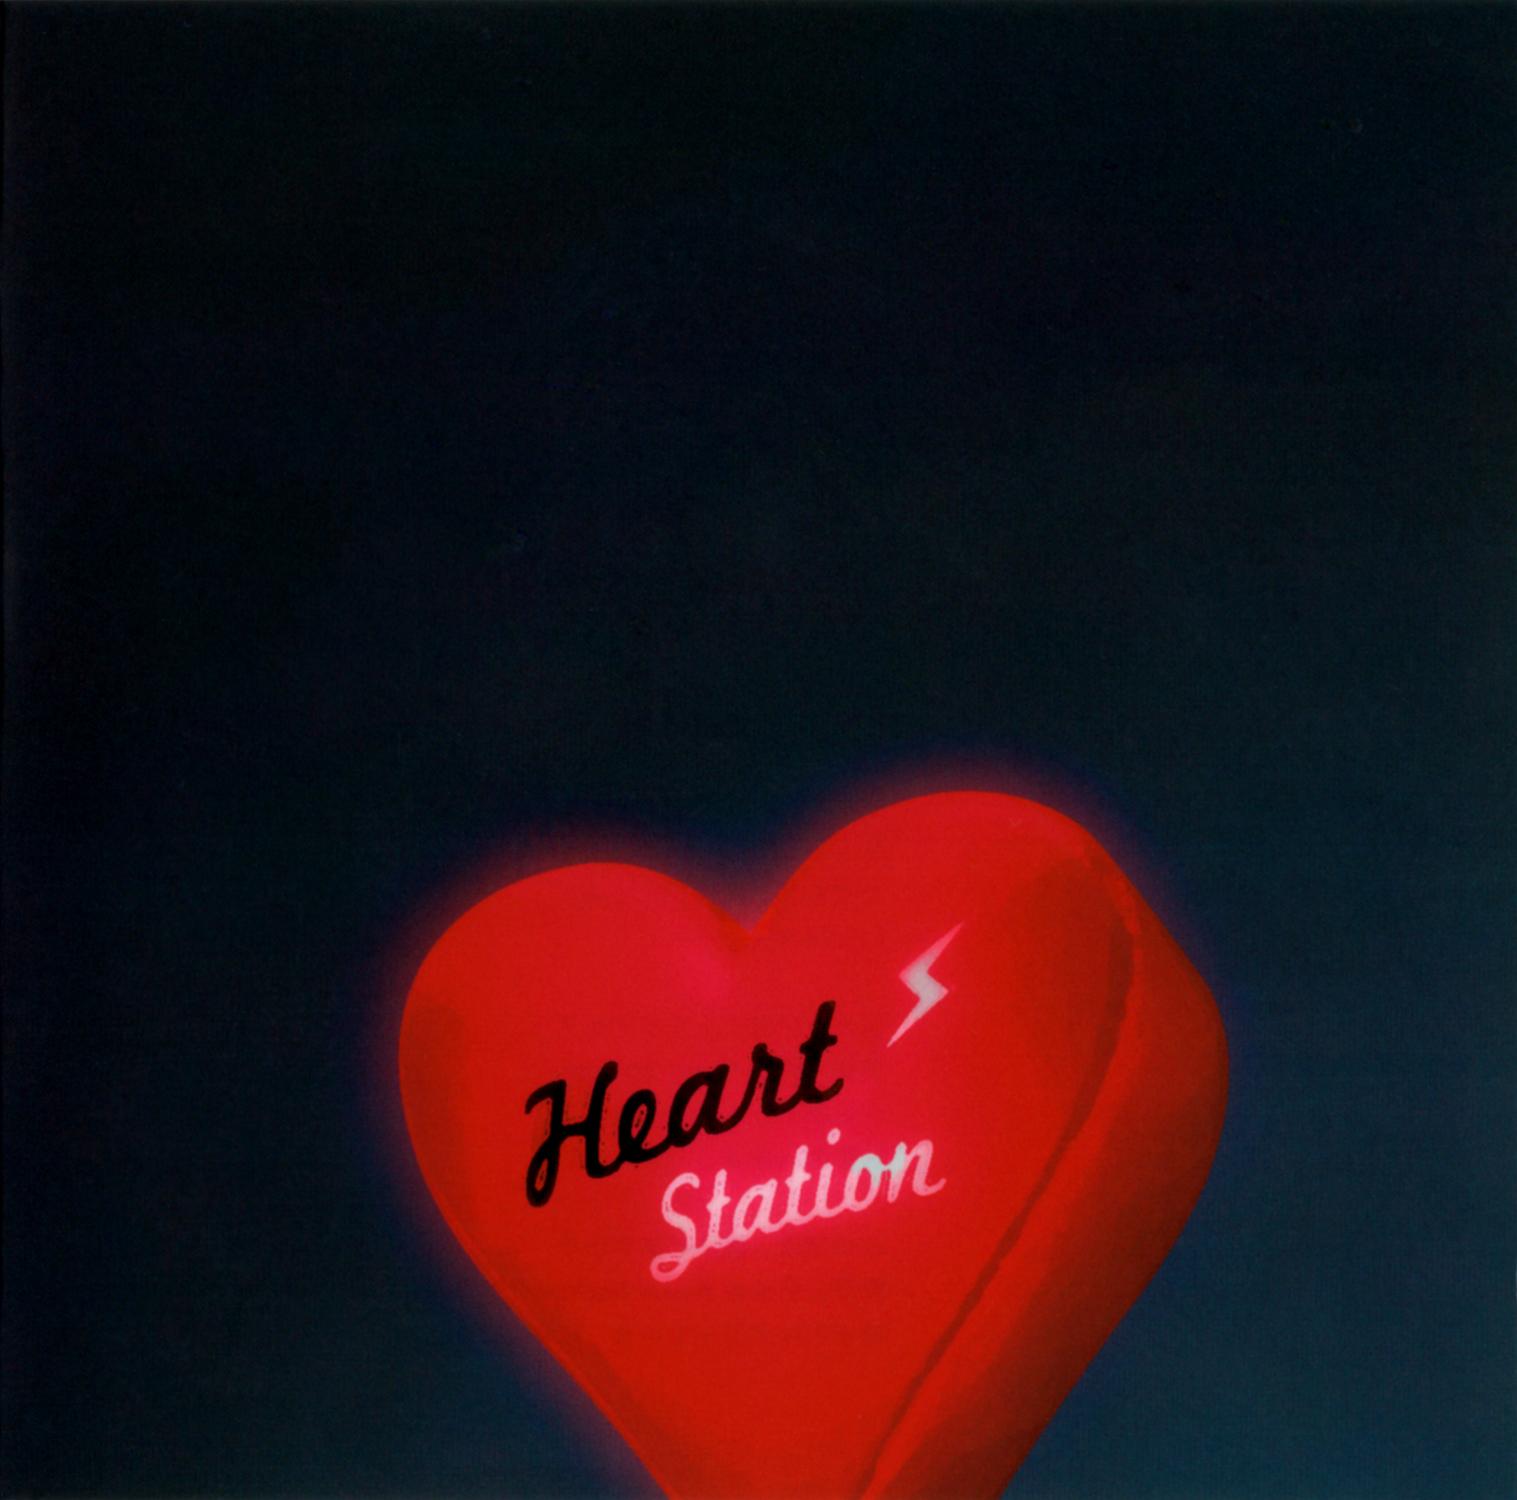 宇多田ヒカル『HEART STATION / Stay Gold』高画質ジャケット画像